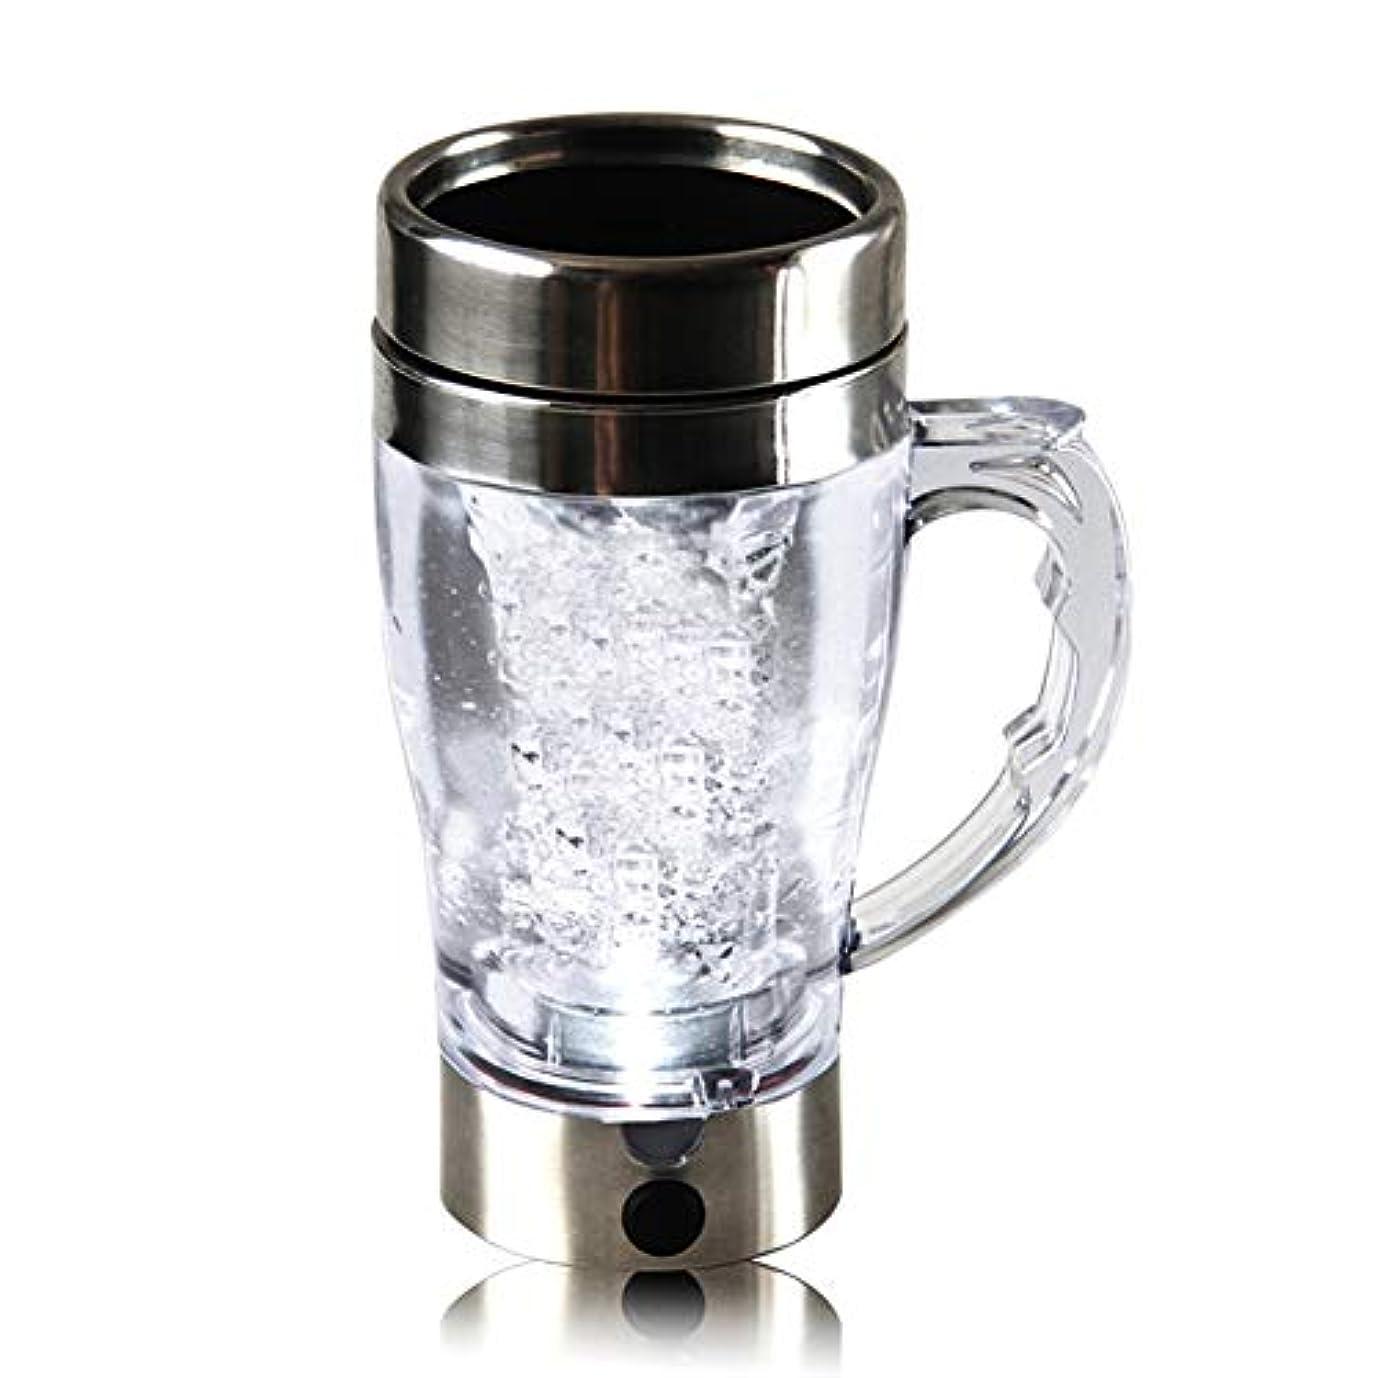 グラマーユニークな翻訳Woita 電動プロテインシェーカー充電可能な統合プロテイン貯蔵容器自動混合コーヒーカップ